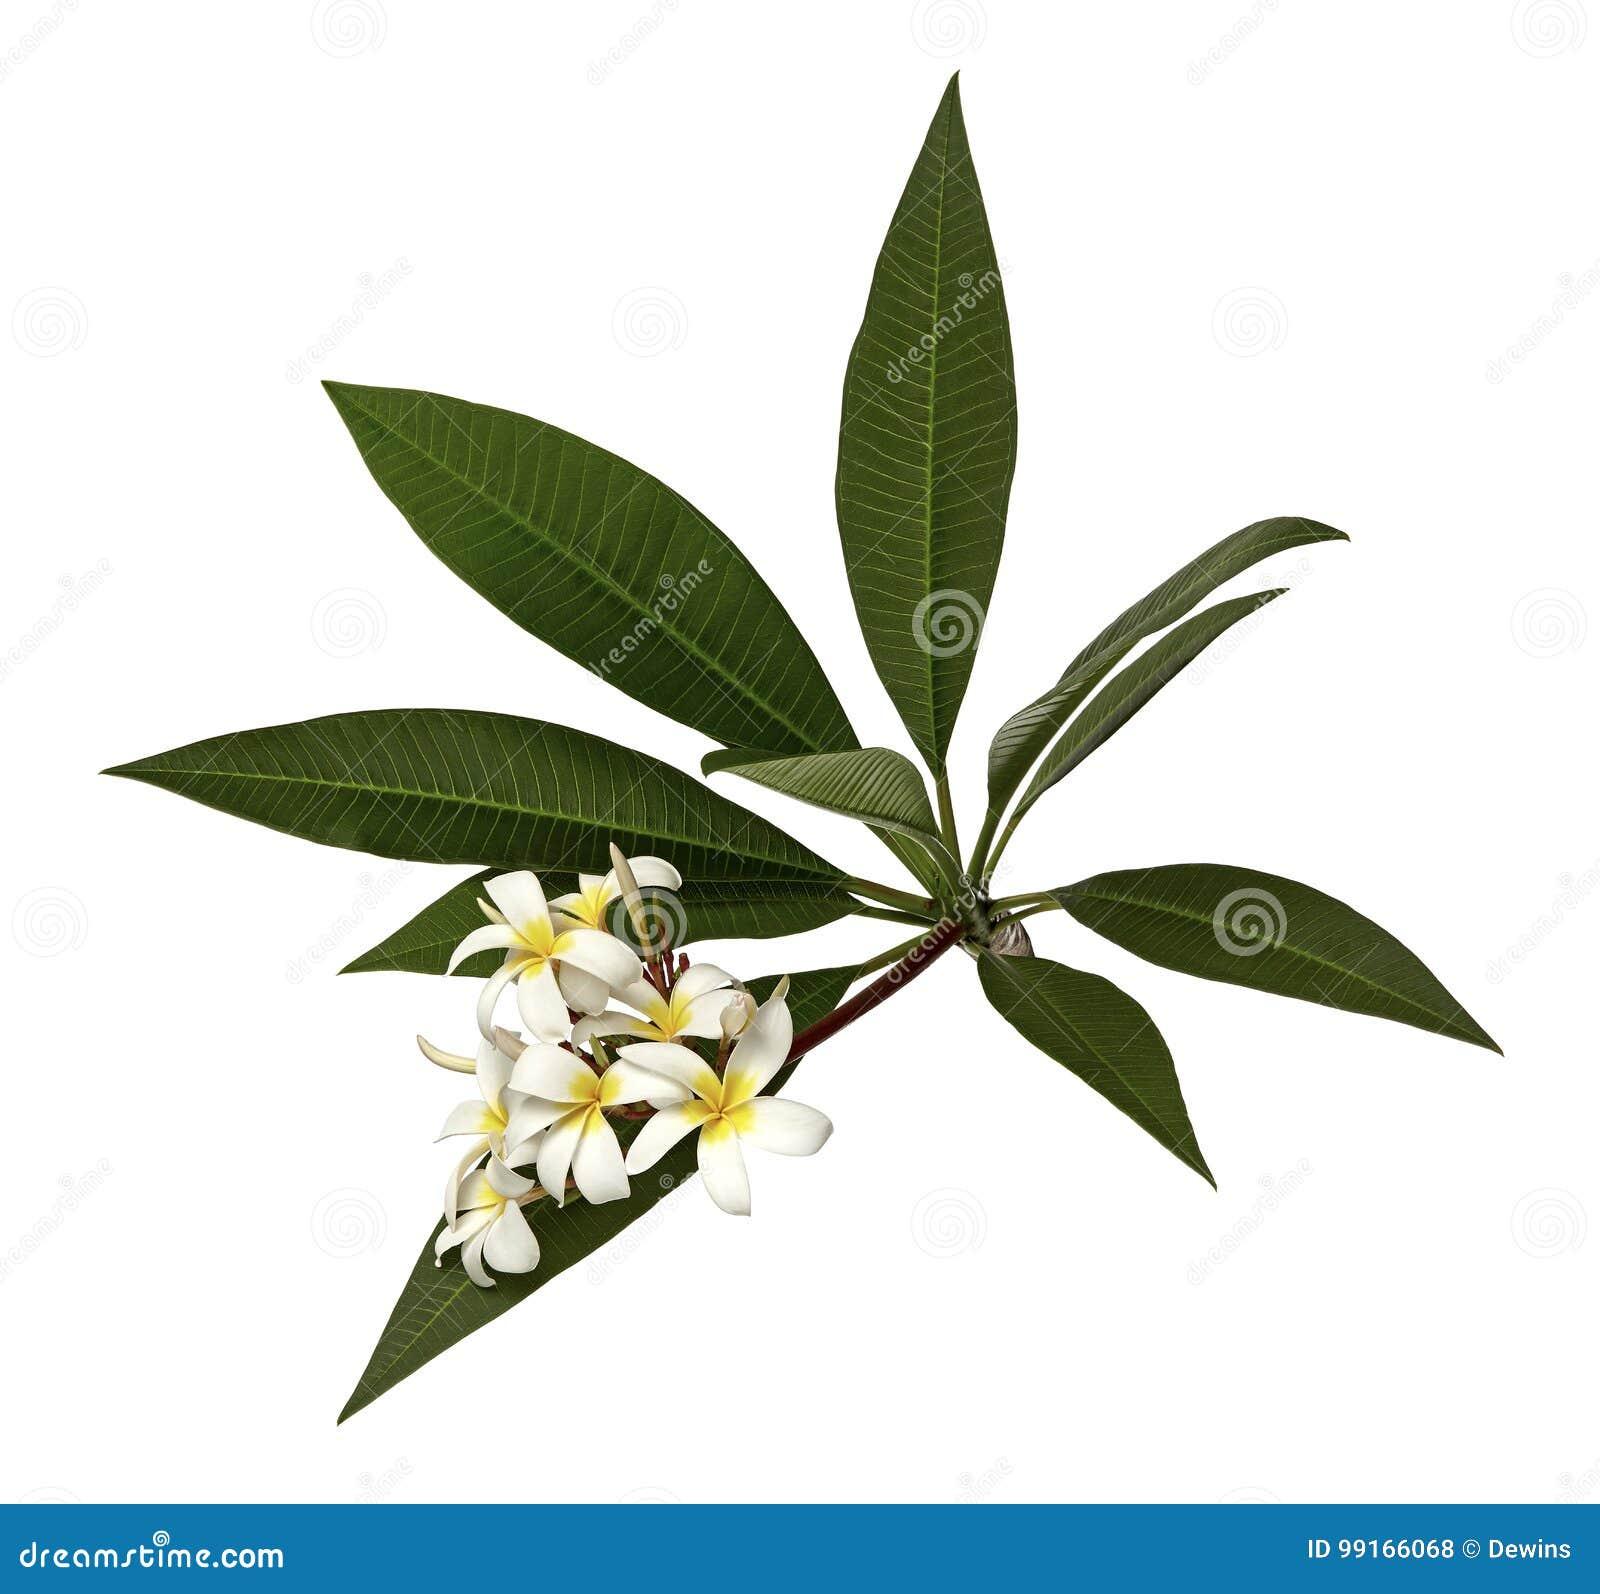 Άσπρο Plumeria ανθίζει Frangipani, ευώδες άσπρο λουλούδι που ανθίζει στον κλάδο με τα πράσινα φύλλα, που απομονώνονται στο άσπρο